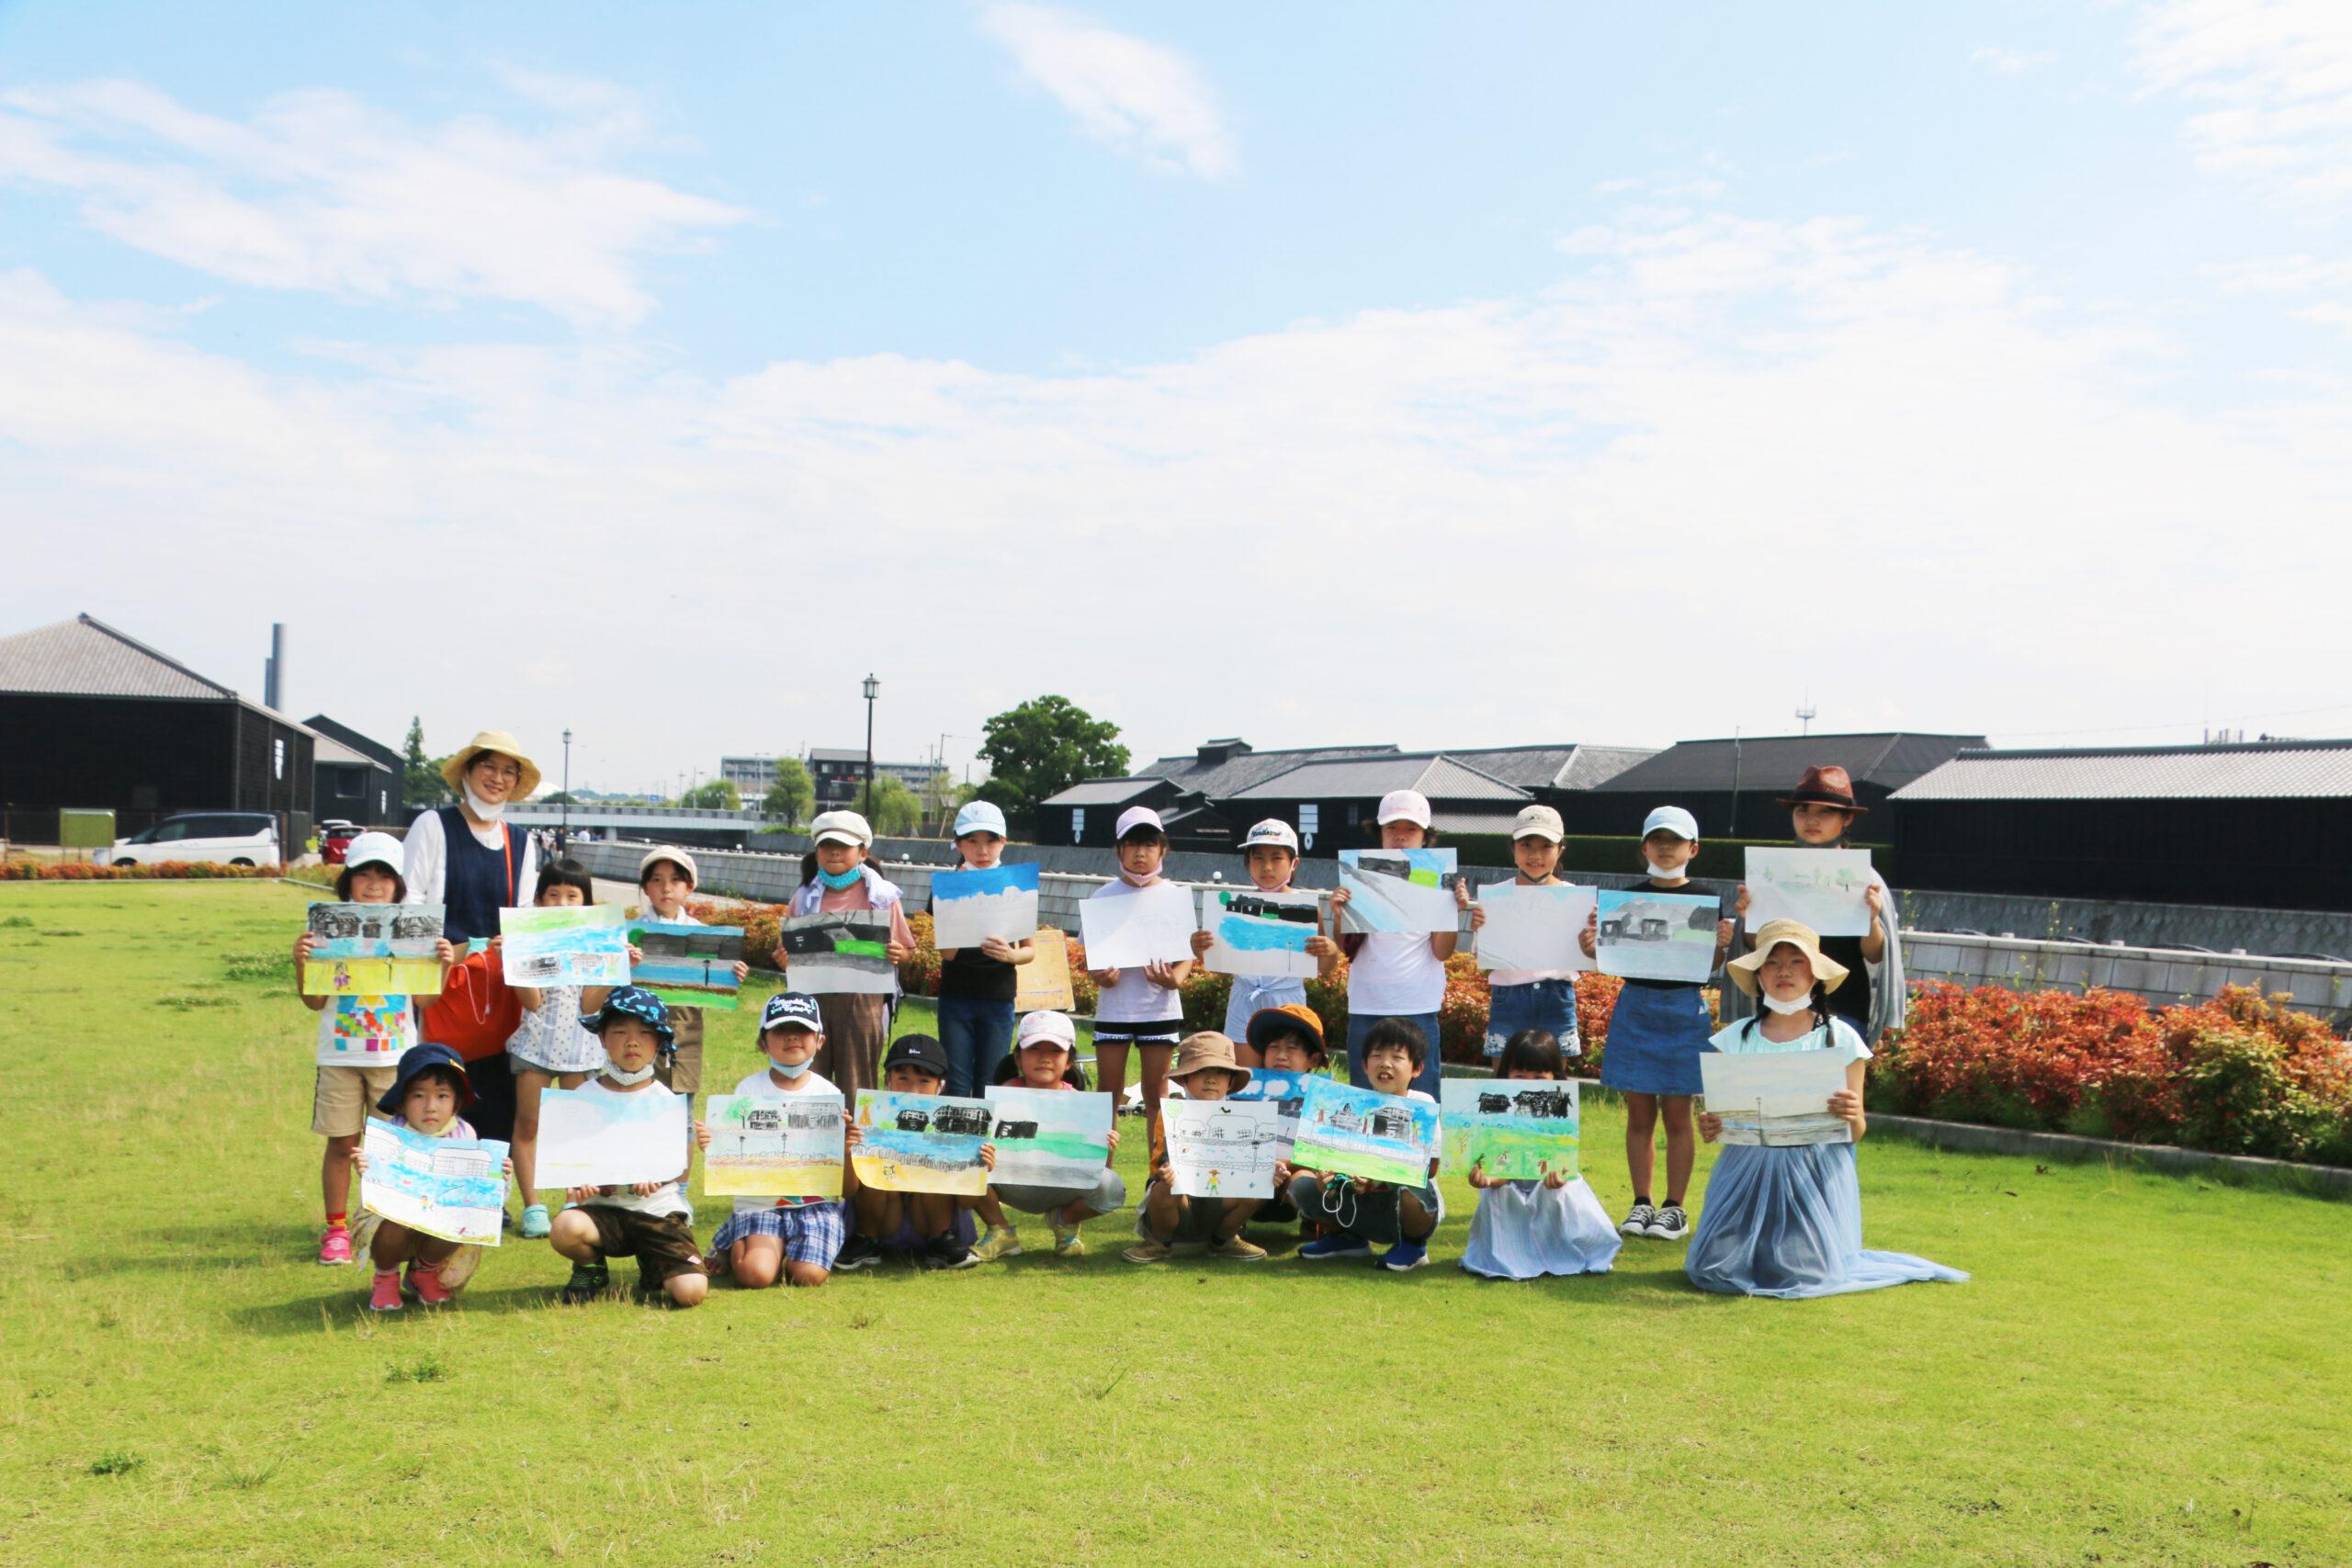 アトリエカラフル野外スケッチ会 in 半田運河(2021/7/11) イメージ画像